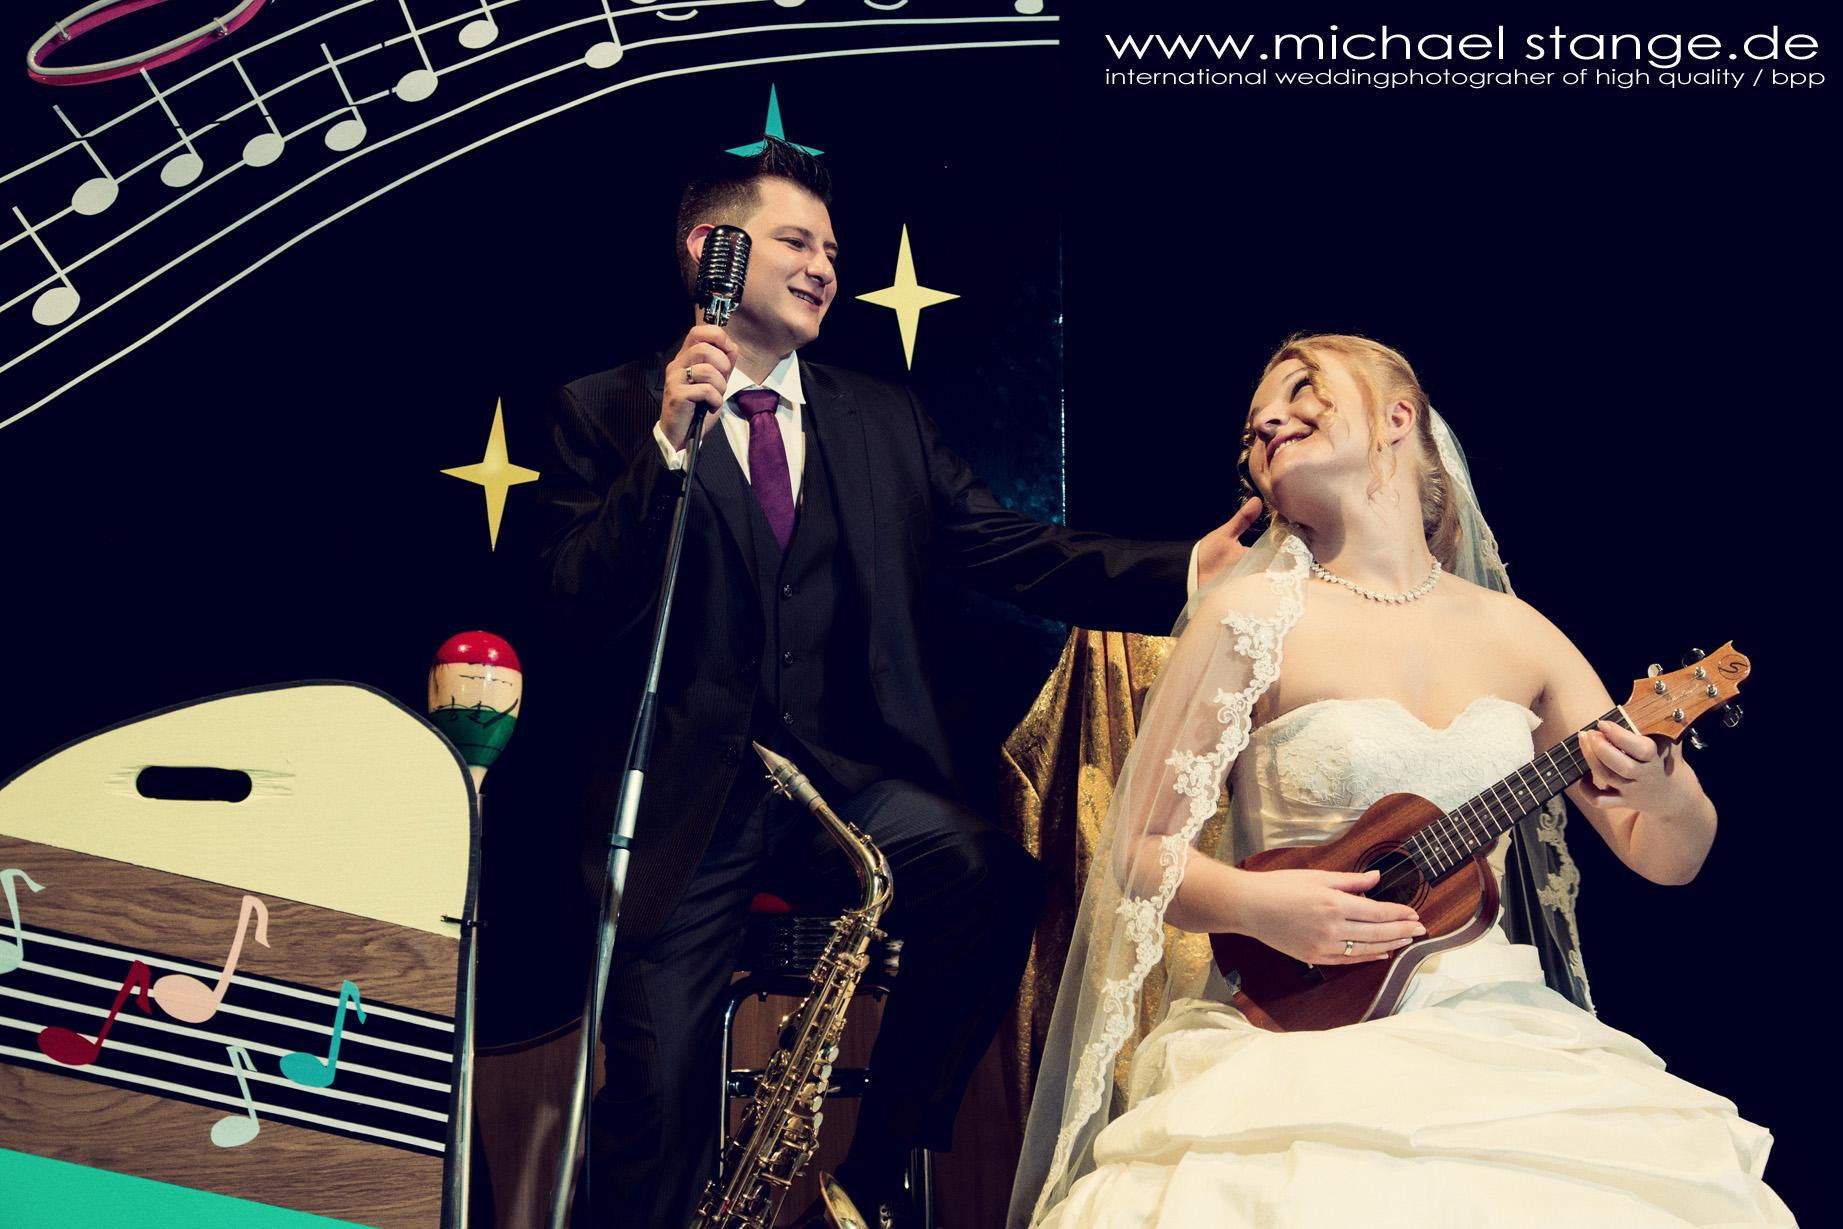 090 Hochzeitsfotograf Michael Stange Baltrum Osnabrueck